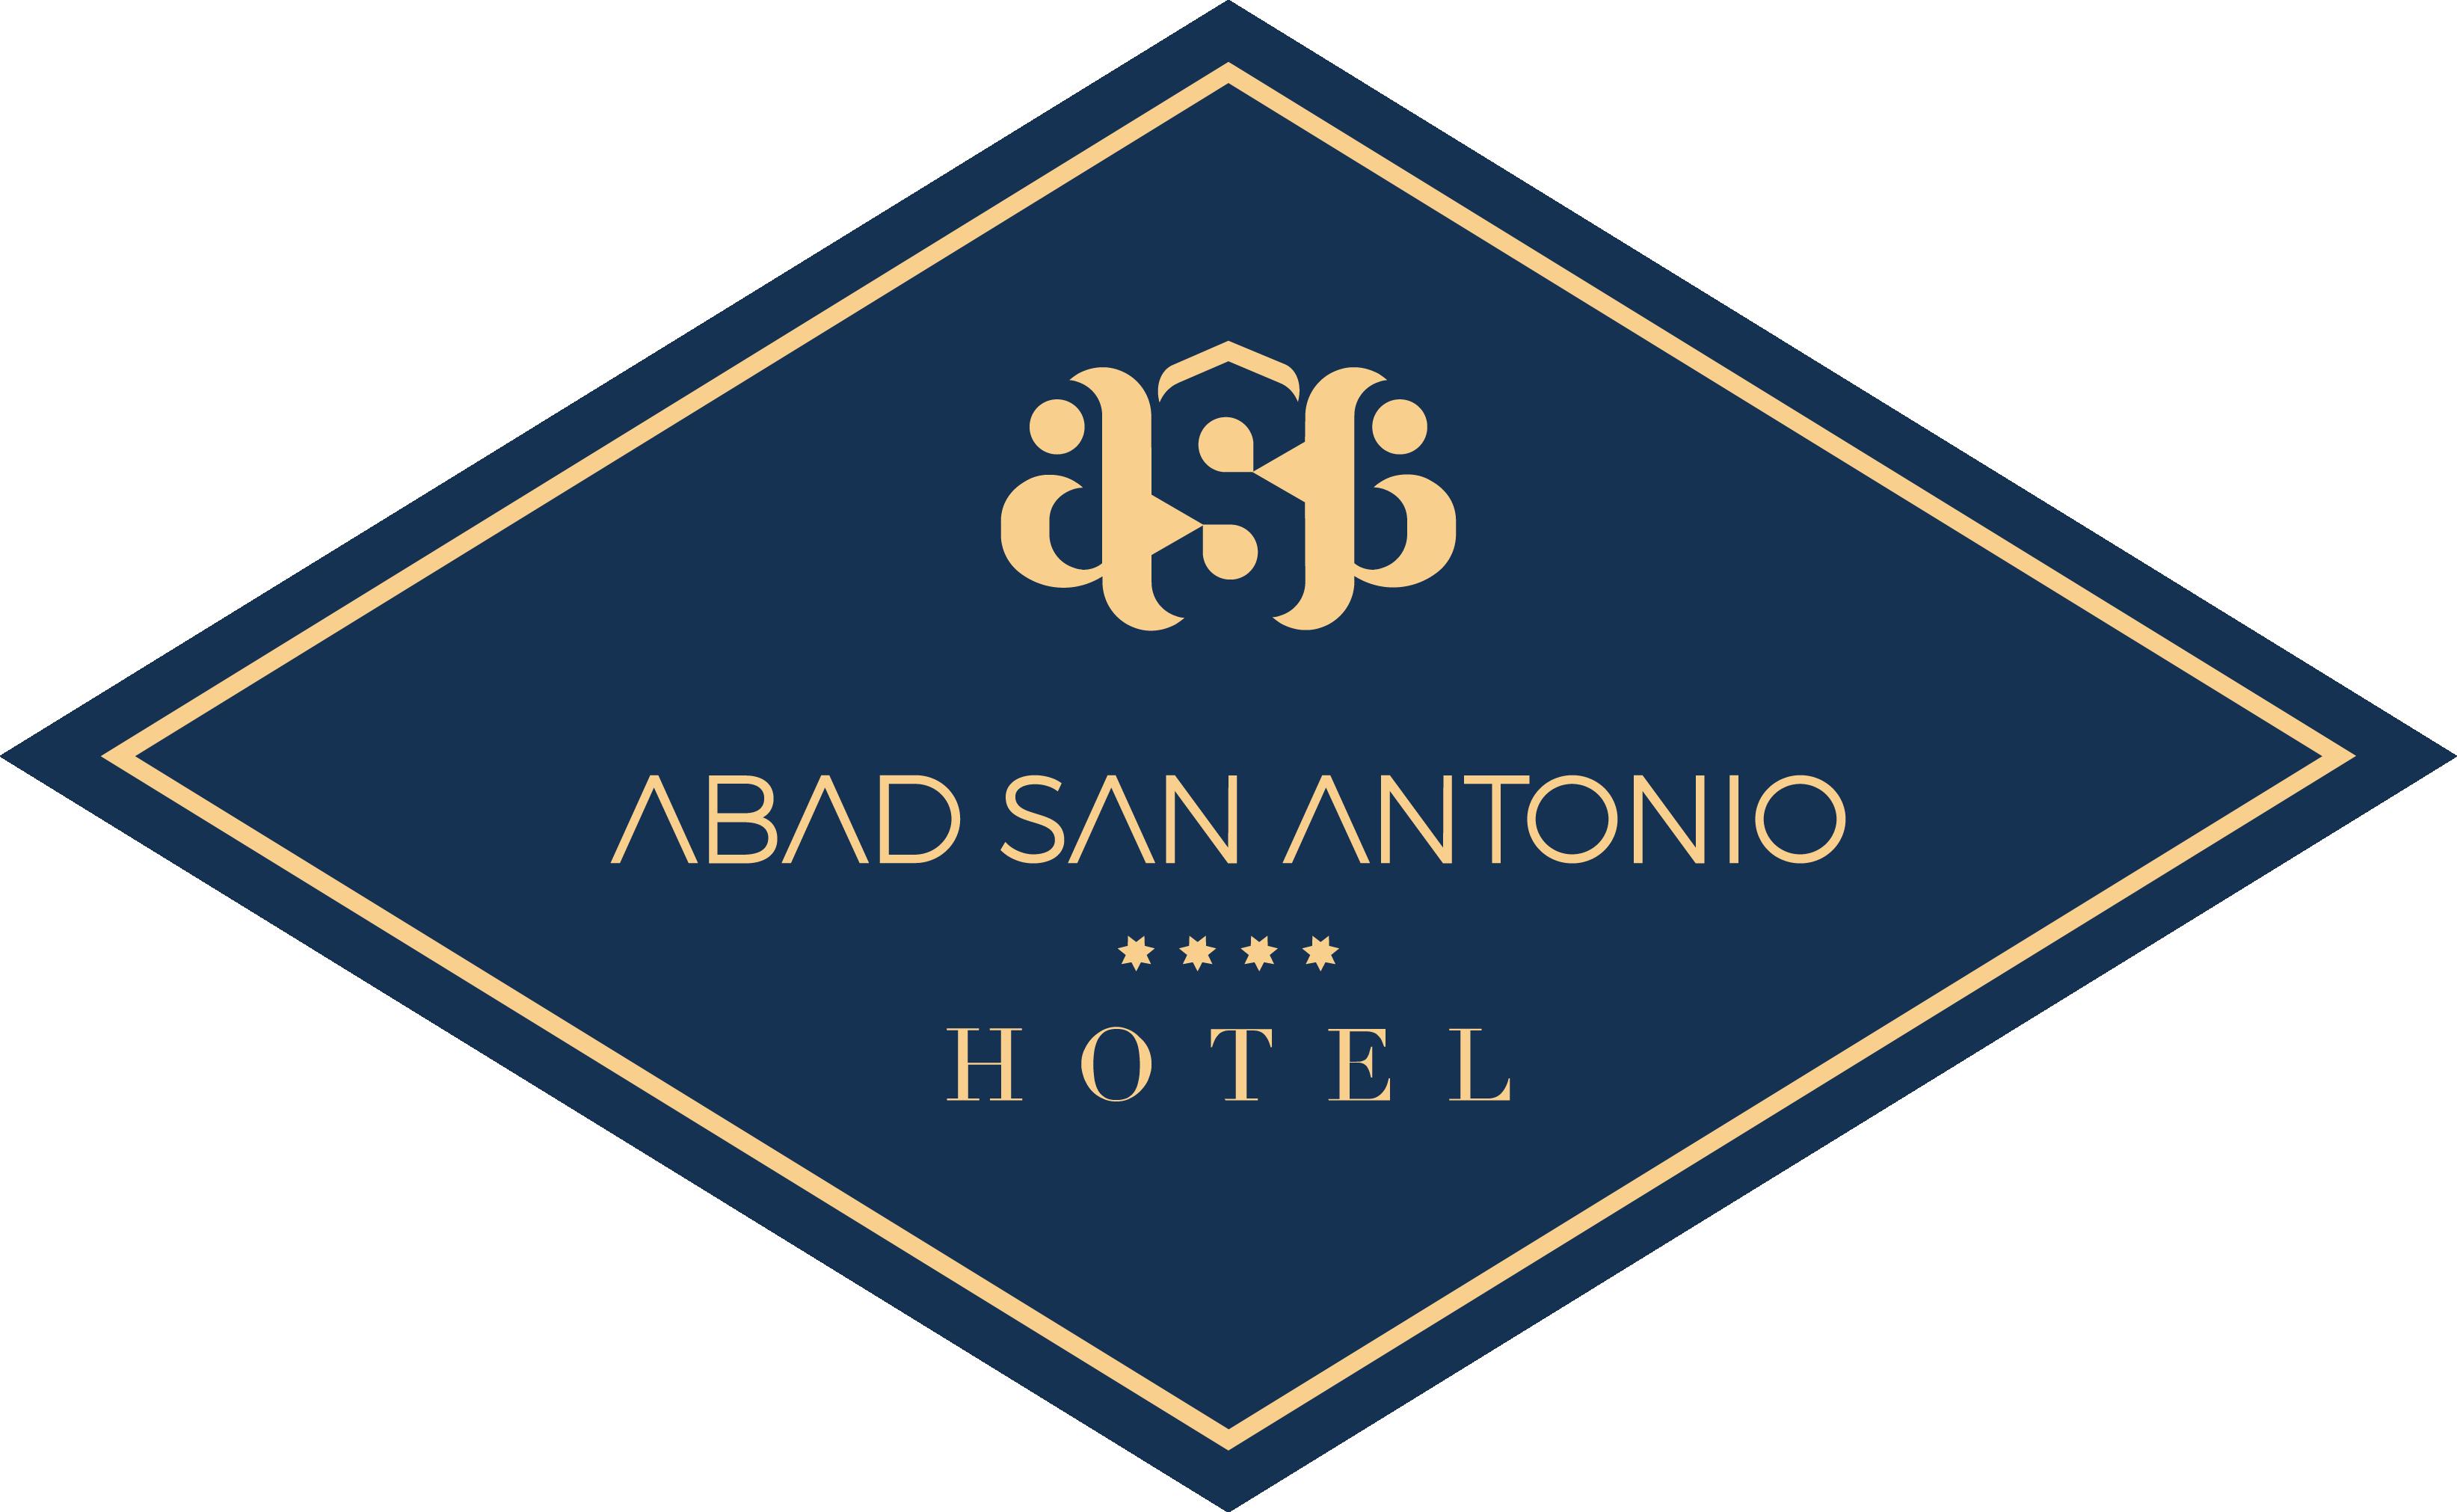 HOTEL ABAB SAN ANTONIO ****